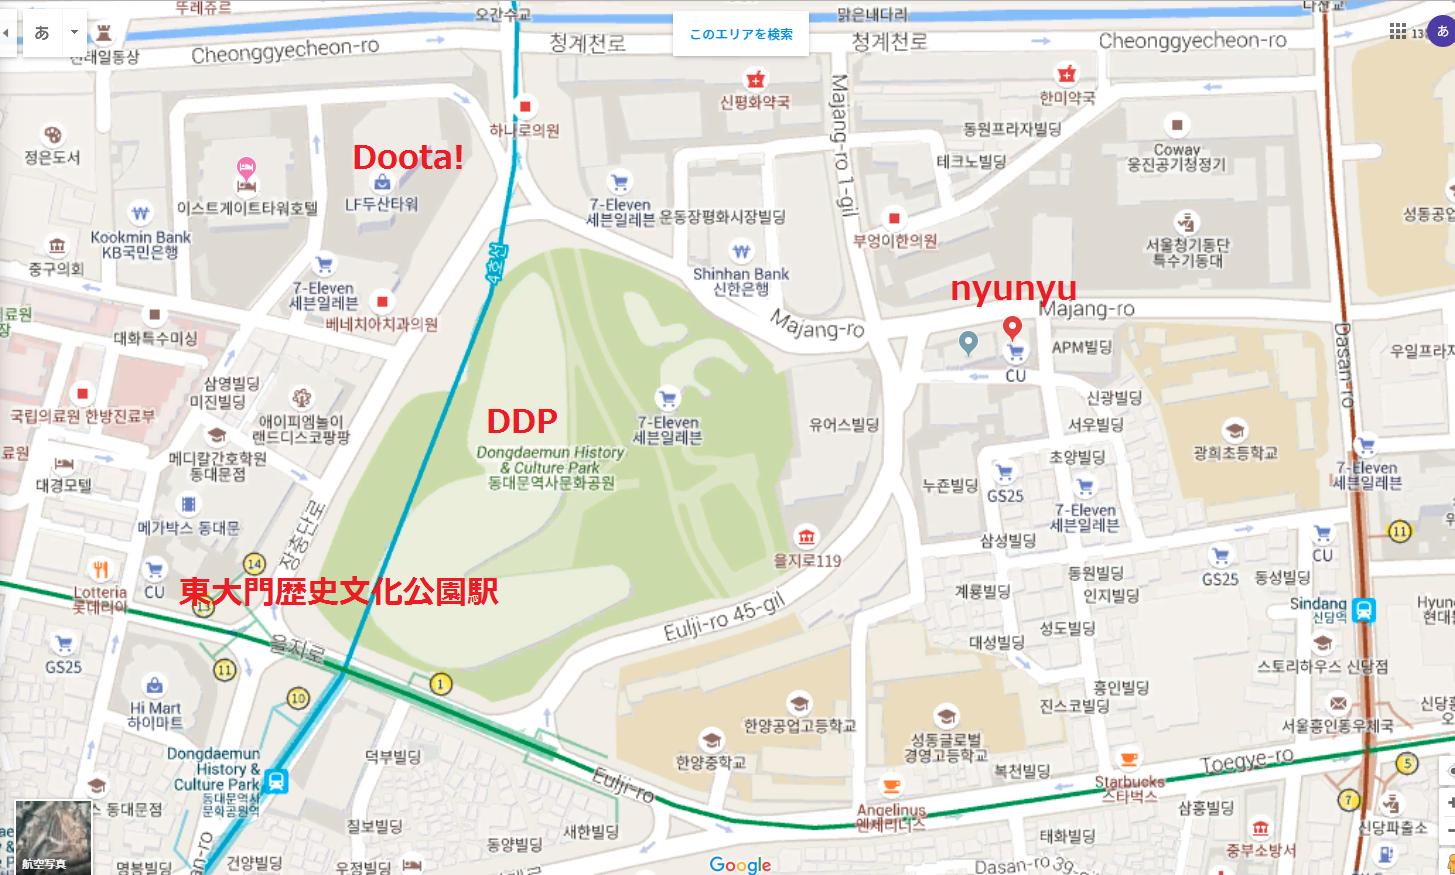 ソウル アクセサリー専門店nyunyu 地図